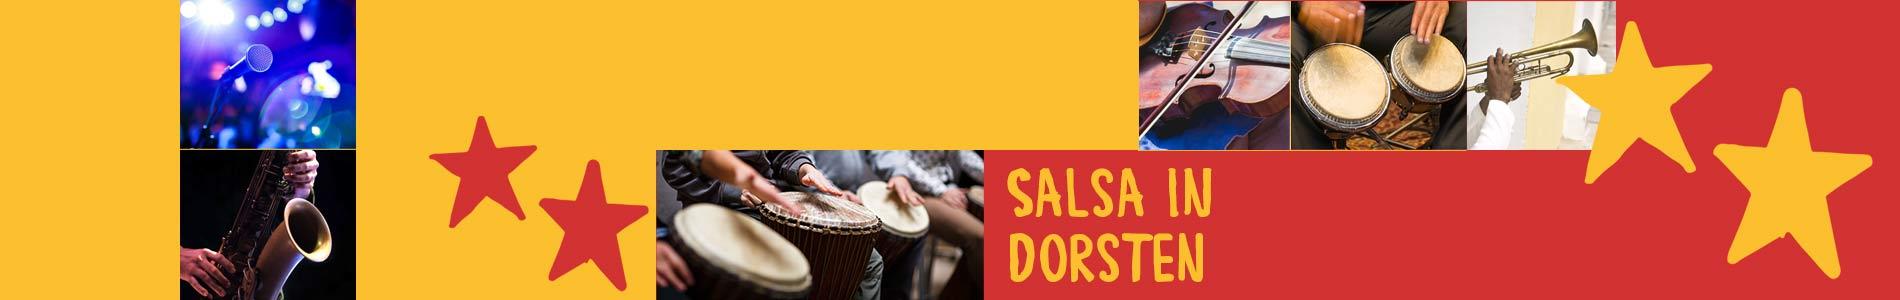 Salsa in Dorsten – Salsa lernen und tanzen, Tanzkurse, Partys, Veranstaltungen